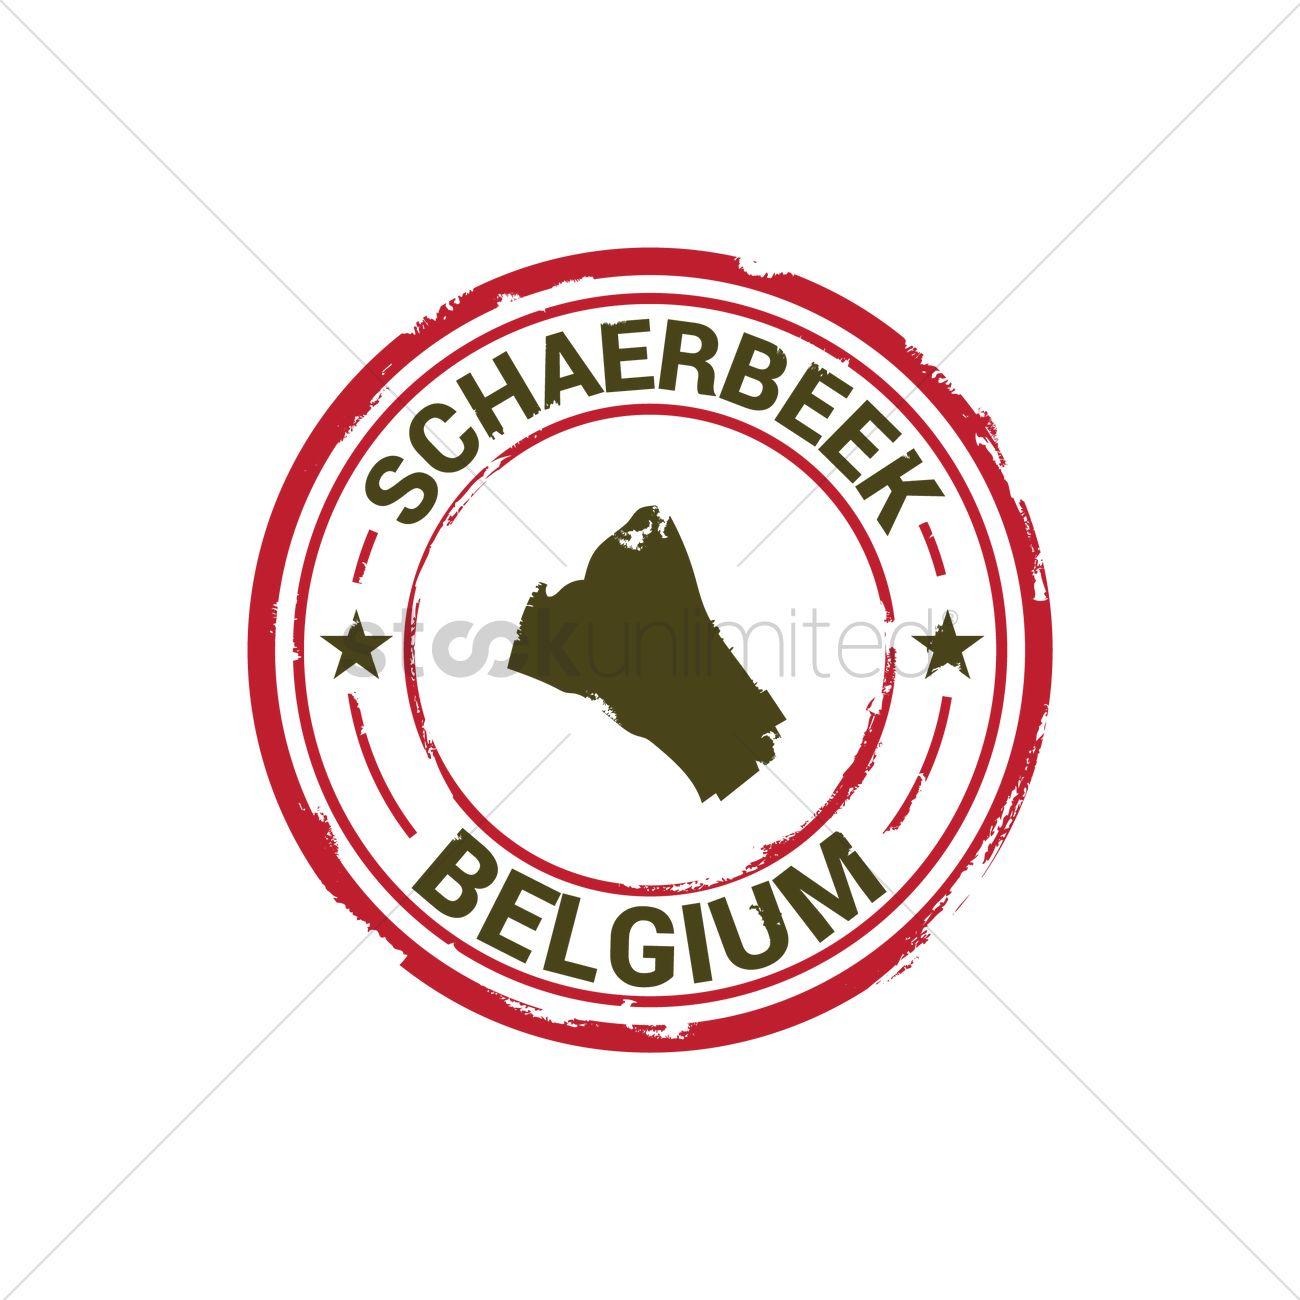 Schaerbeek map stamp Vector Image 1581659 StockUnlimited